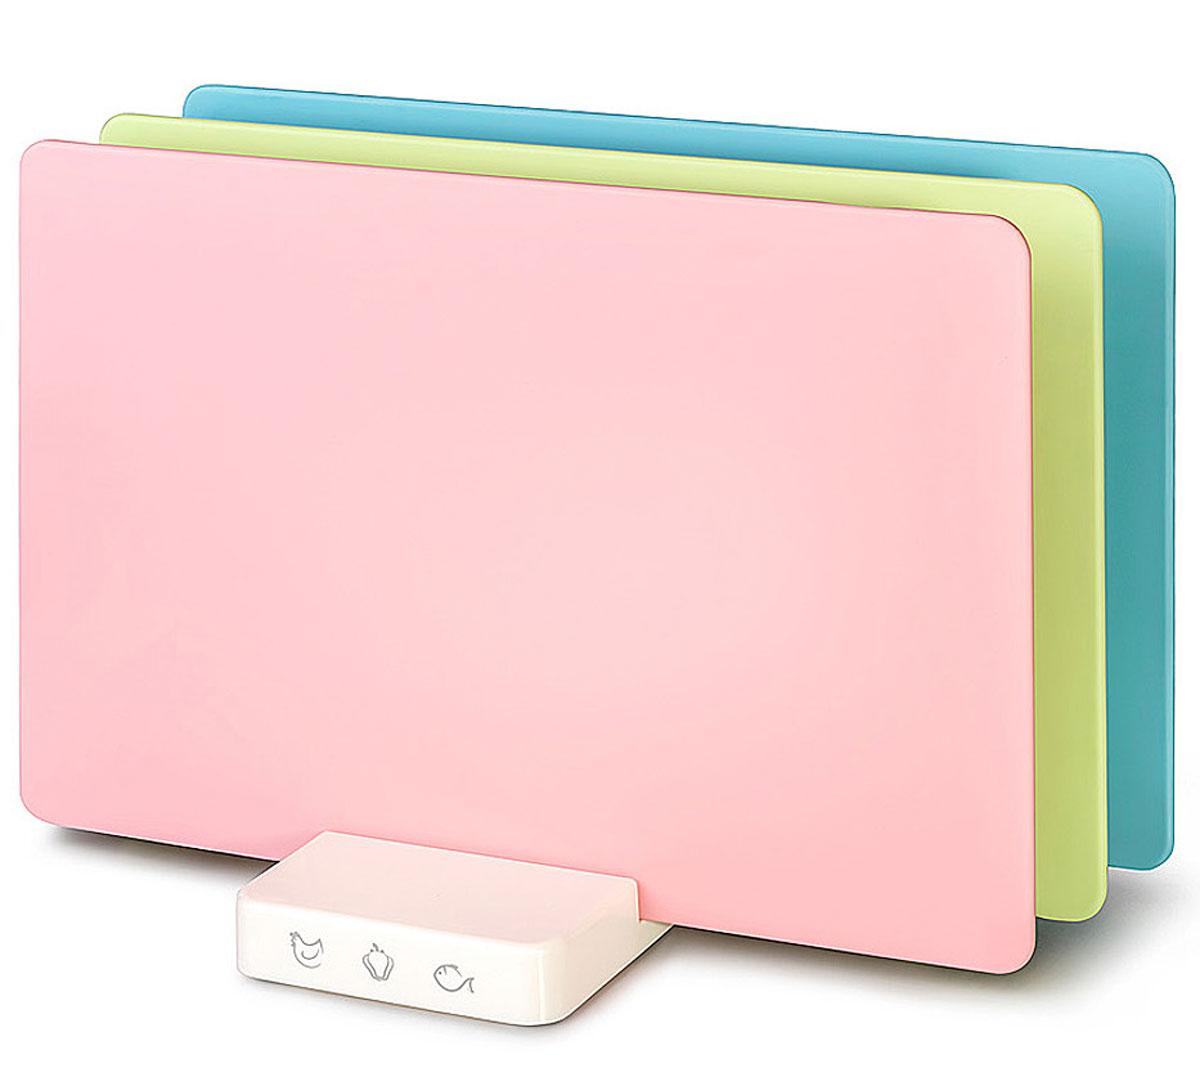 """Apollo Home & Deco Набор разделочных досок Apollo """"Axioma"""", цвет: розовый, салатовый, голубой, 4 предмета"""